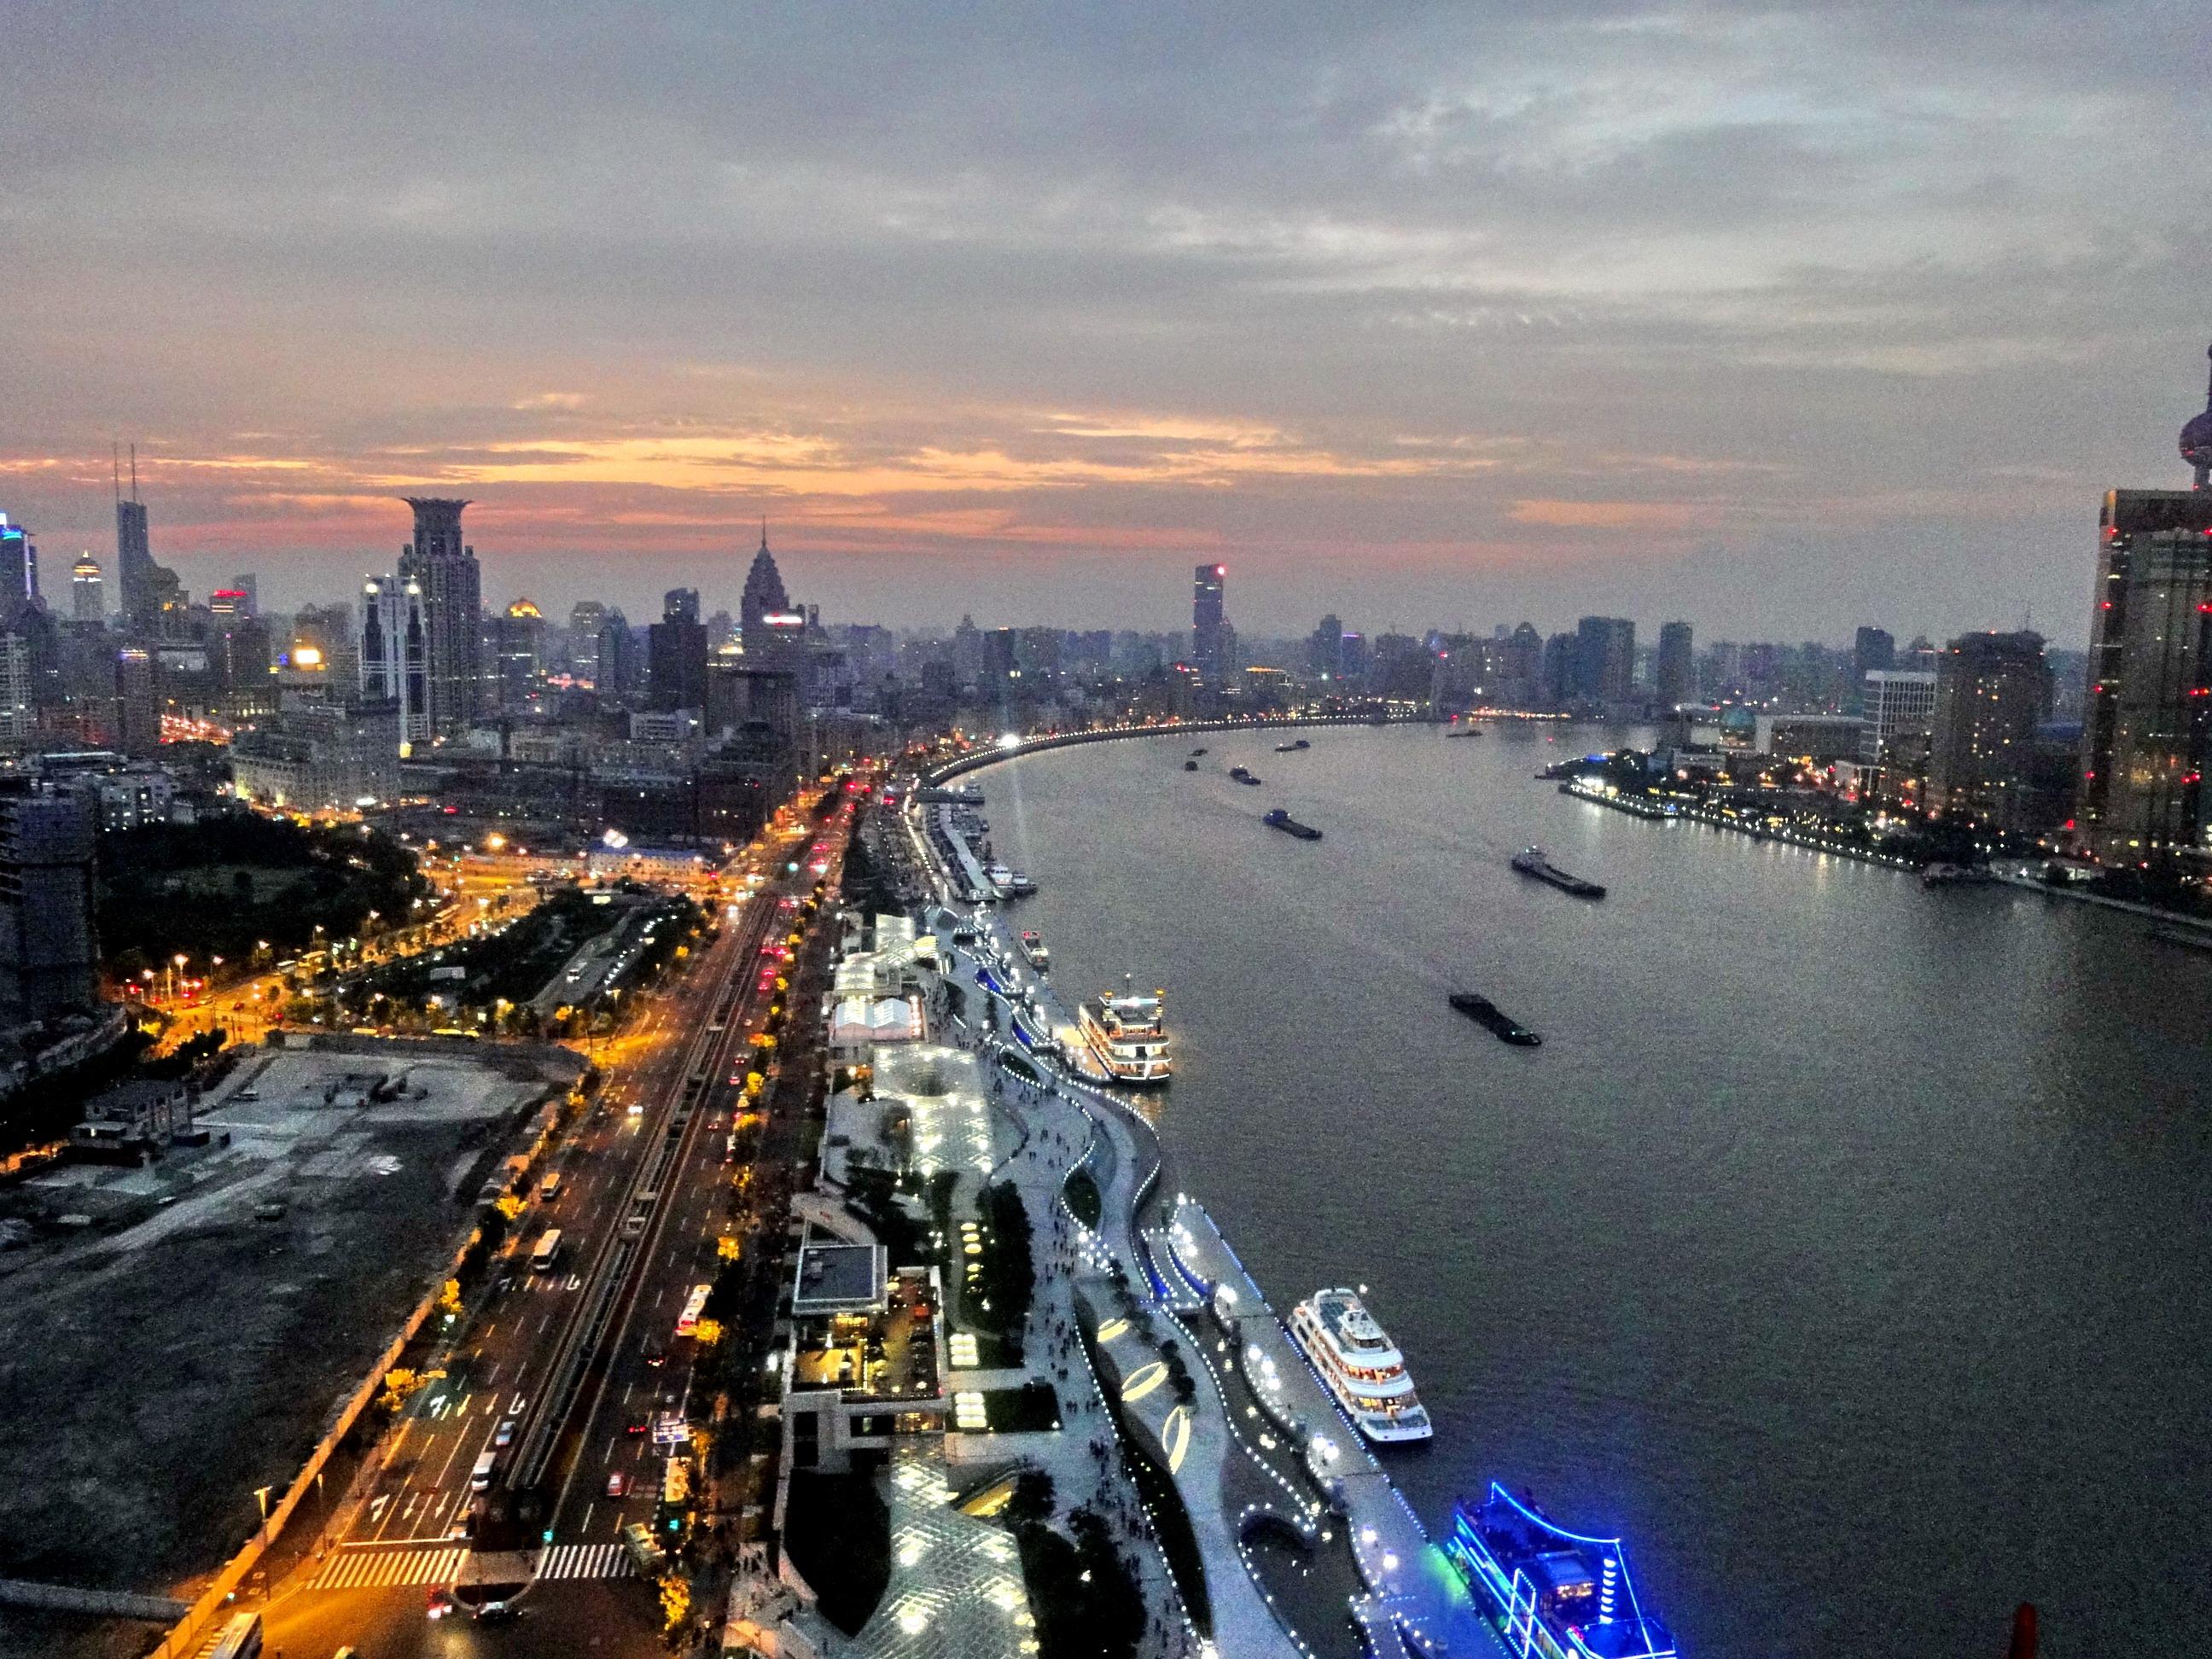 上海快乐十分:上海防疫保障企业、餐饮酒店行业燃气价将下调居民用气欠费免收违约金